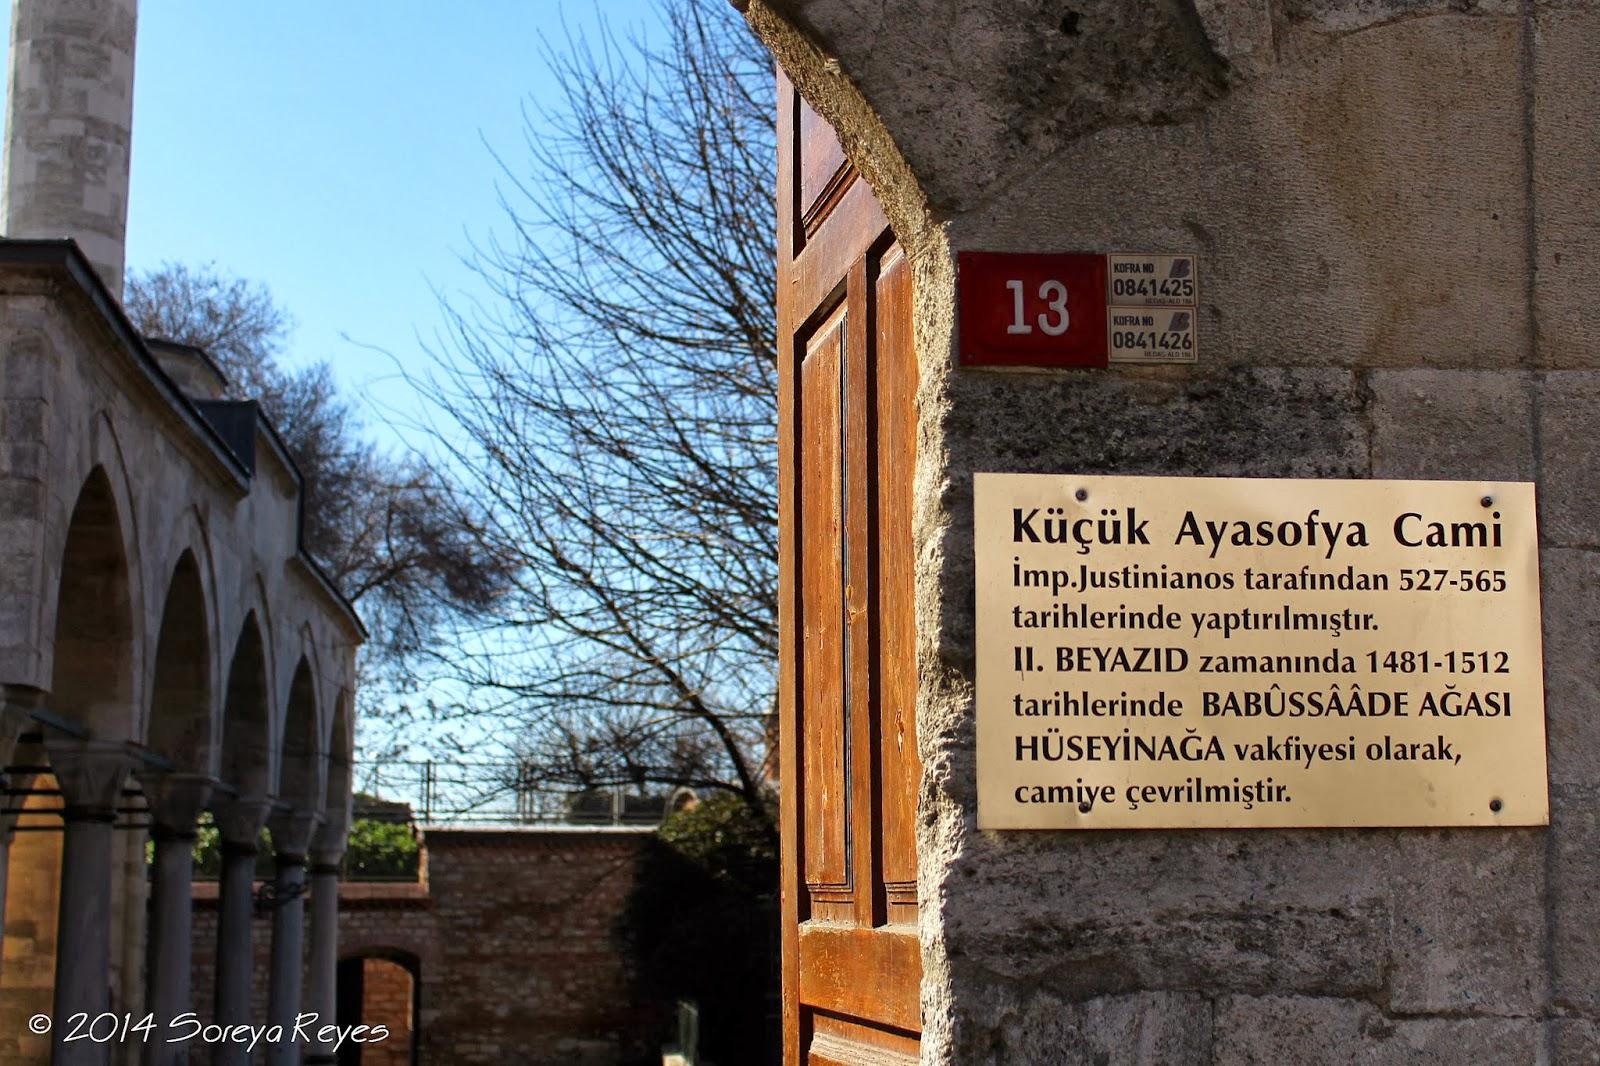 Photo Trek Istanbul: Little Hagia Sophia - Küçük Ayasofya ...